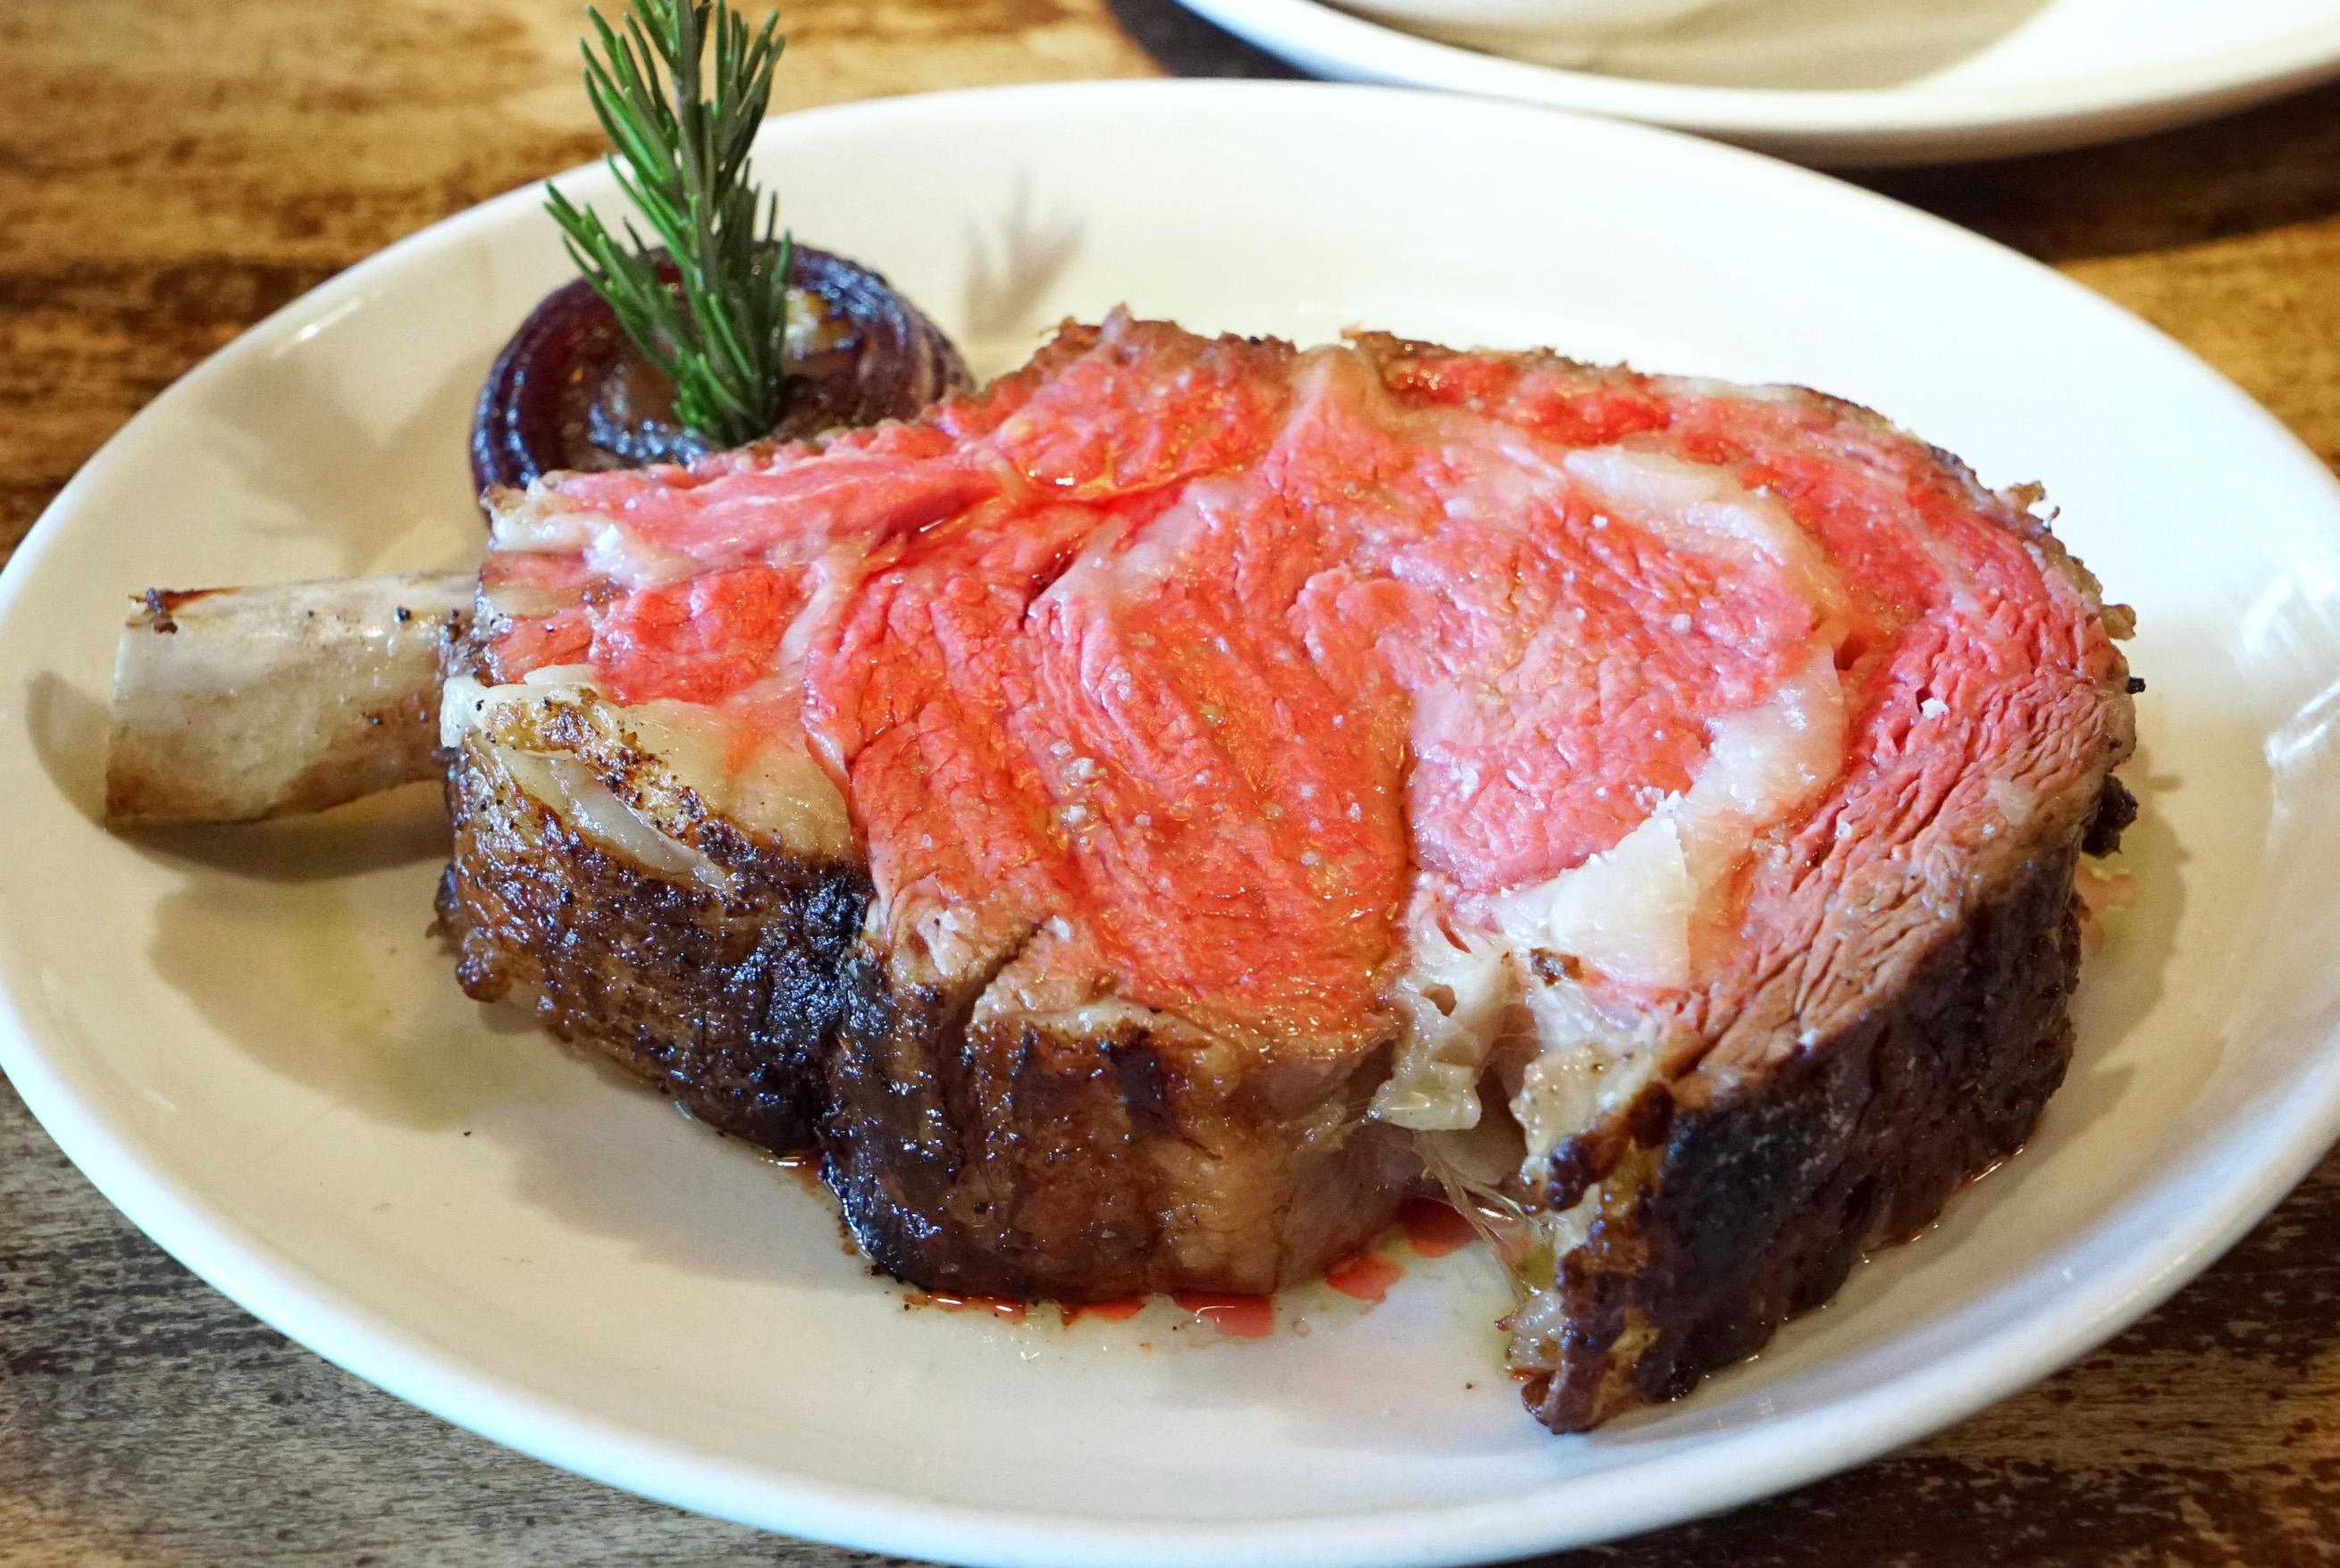 Absorbing Rib Steak Johnny Prime Prime Rib Steak Recipe Prime Rib Steak Calories nice food Prime Rib Steak